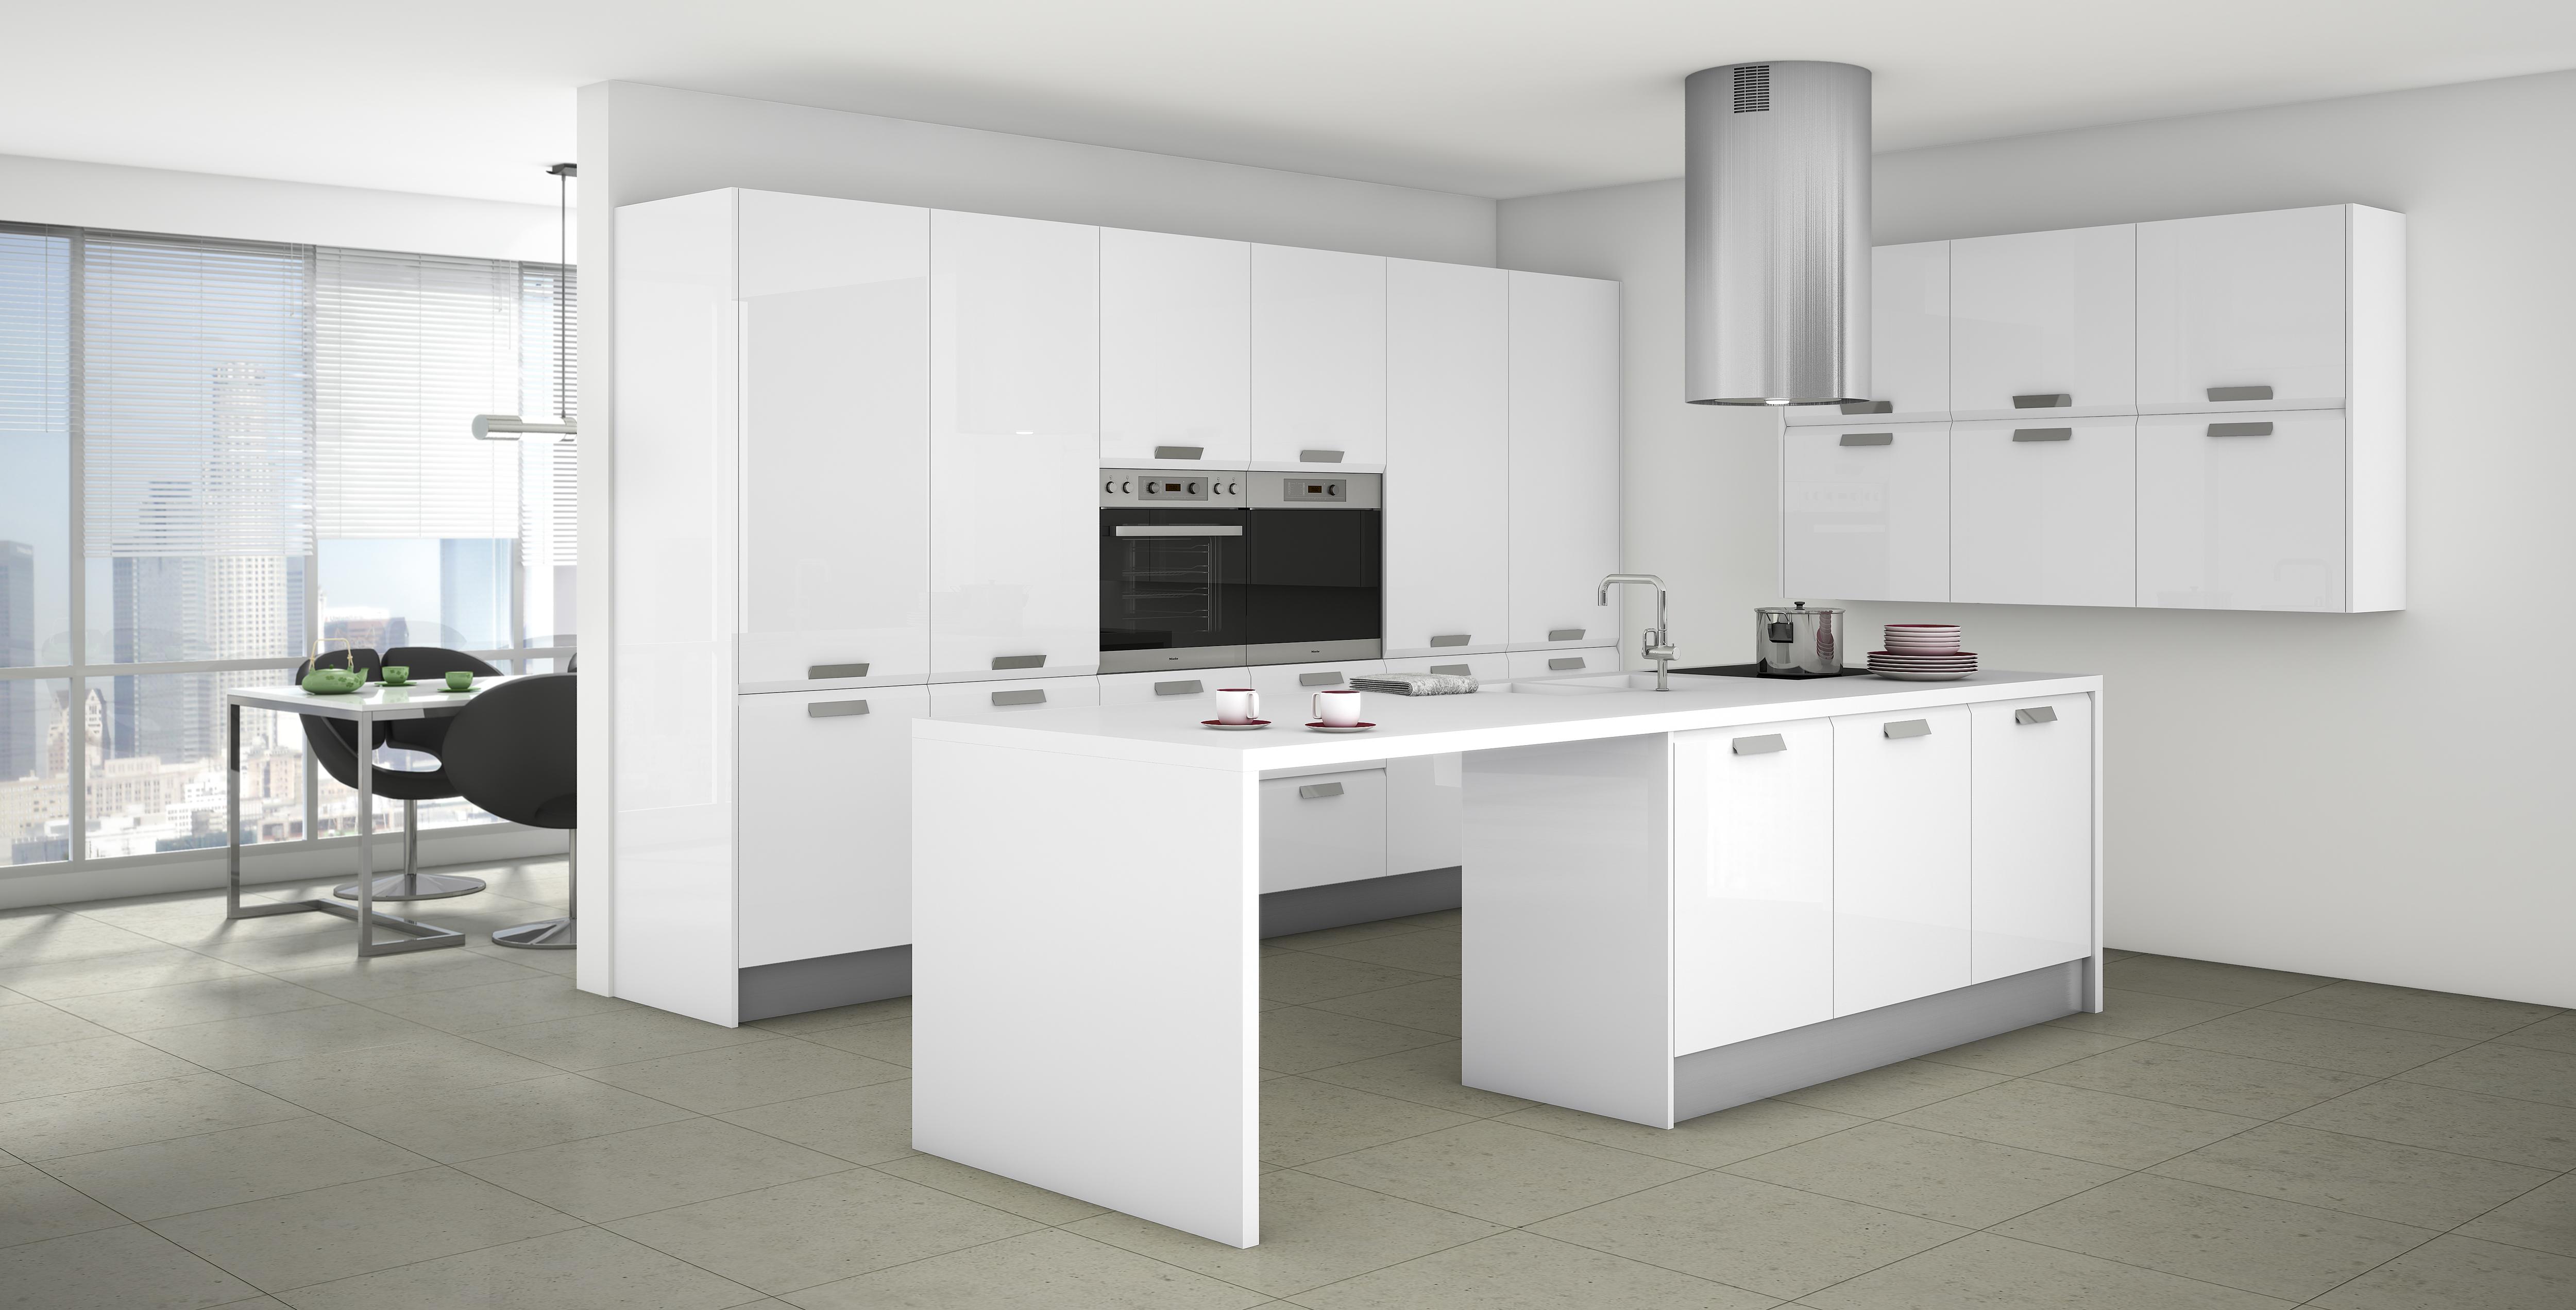 01 logisiete 2010 bali ambiente10 - Fotos cocinas modernas blancas ...